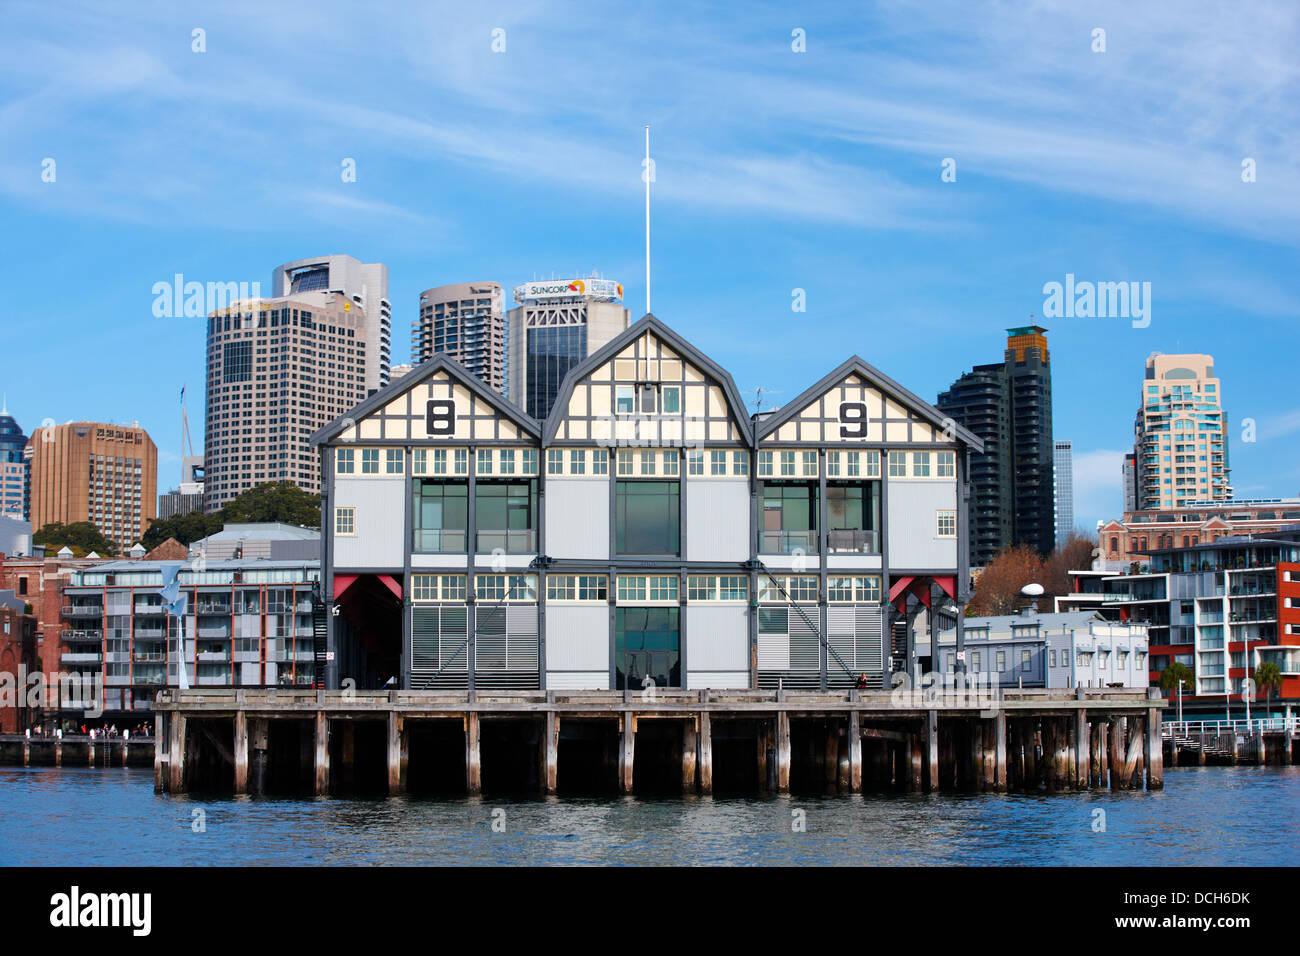 Walsh Bay Redevelopment, Sydney, Australia - Stock Image